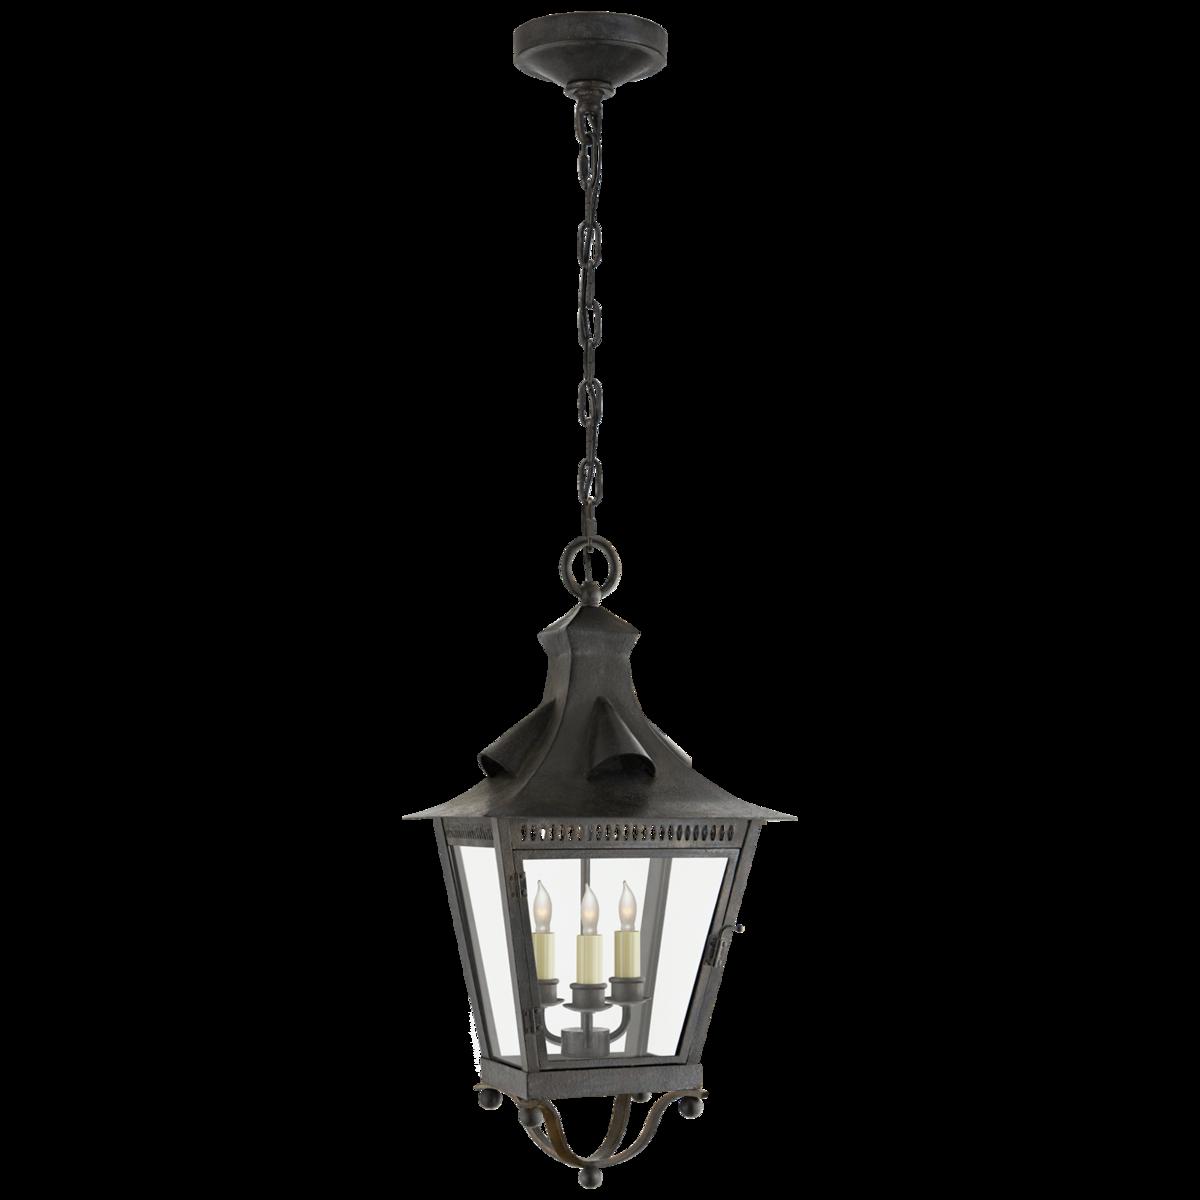 Orleans Medium Hanging Lantern